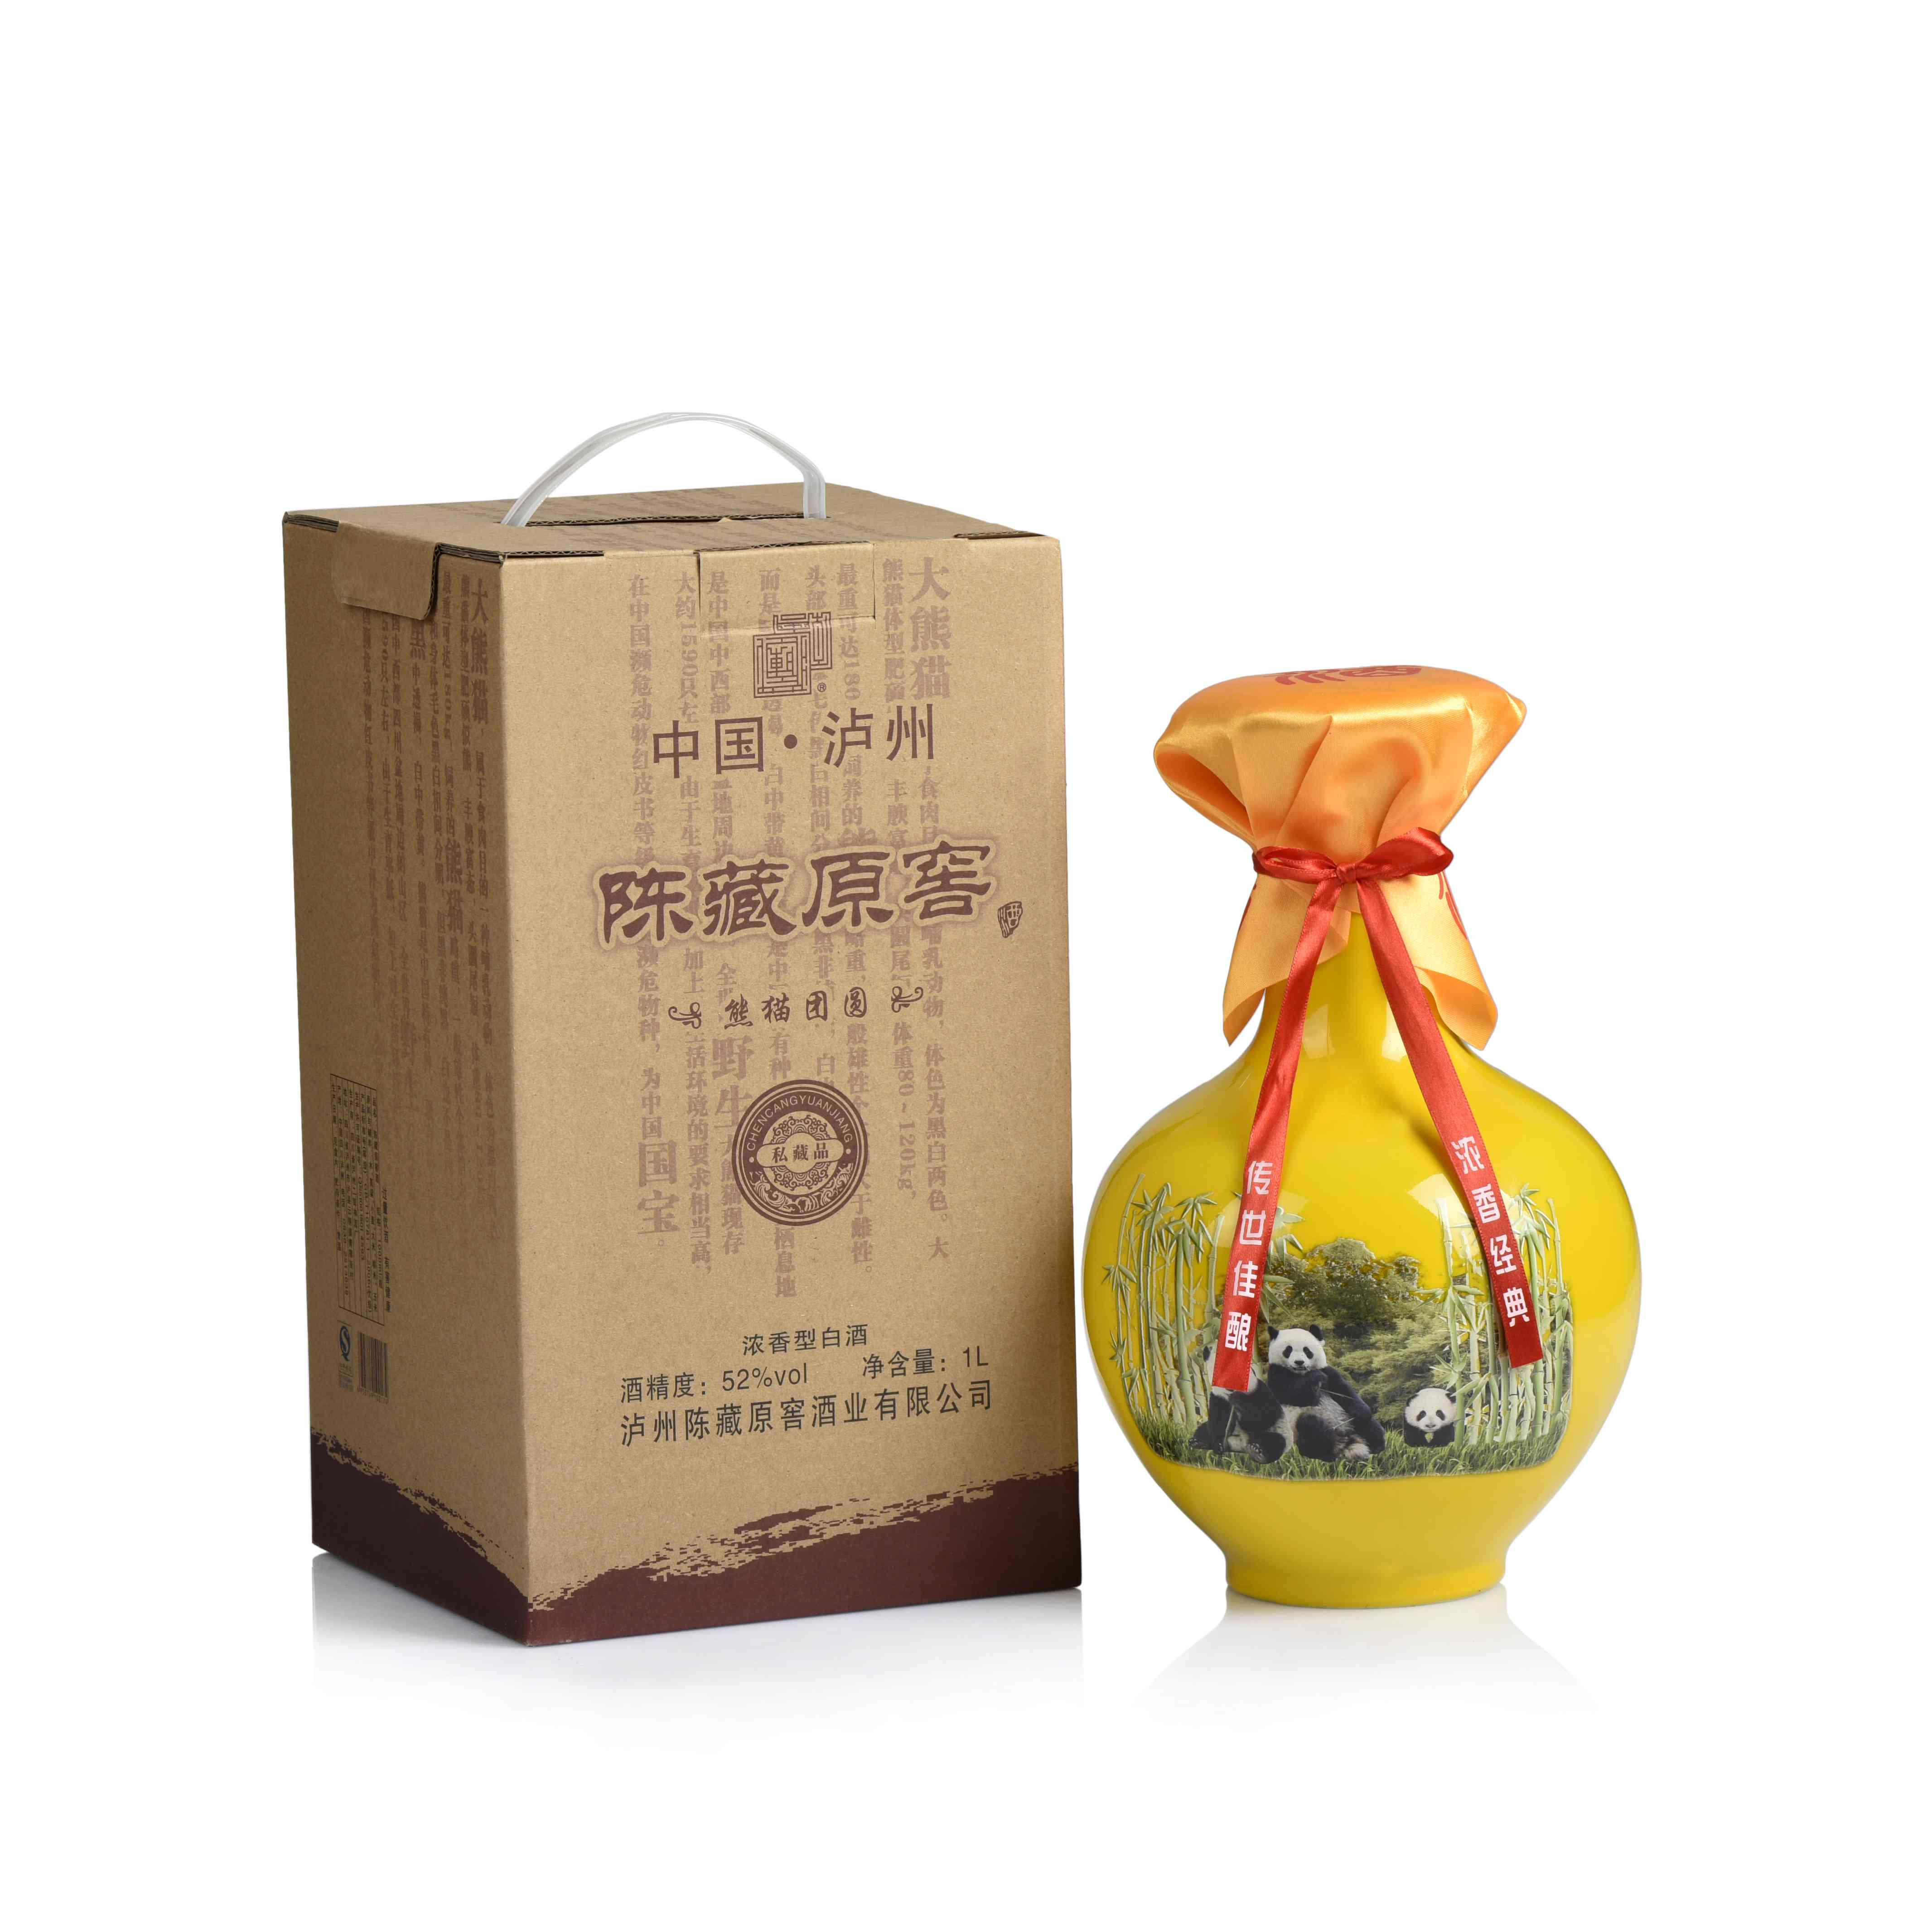 四十年窖藏天府六景彩瓷系列(国宝熊猫)